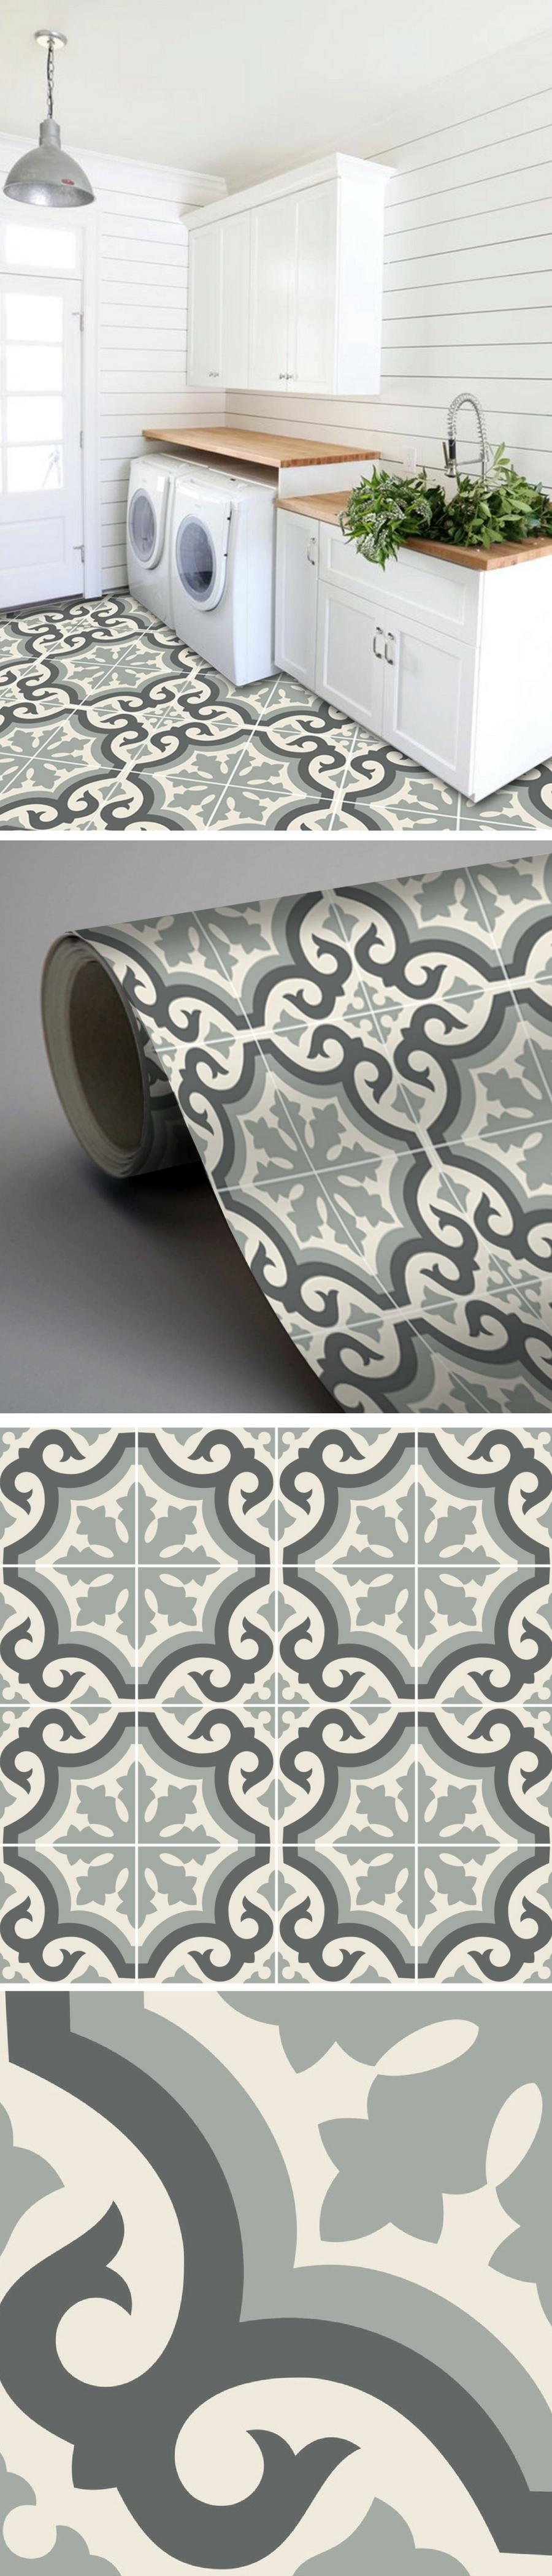 Vinyle Adhésif Pour Sol sticker sol carreau vinyle palermo gris perle | déco maison